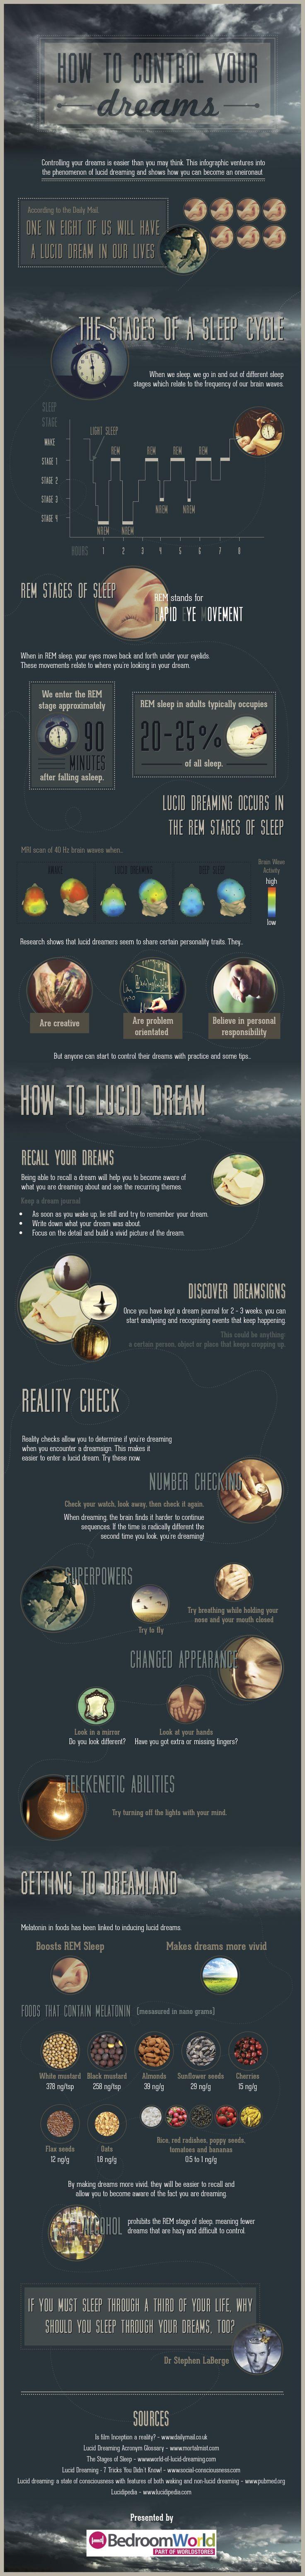 Do You Know Why You Dream?